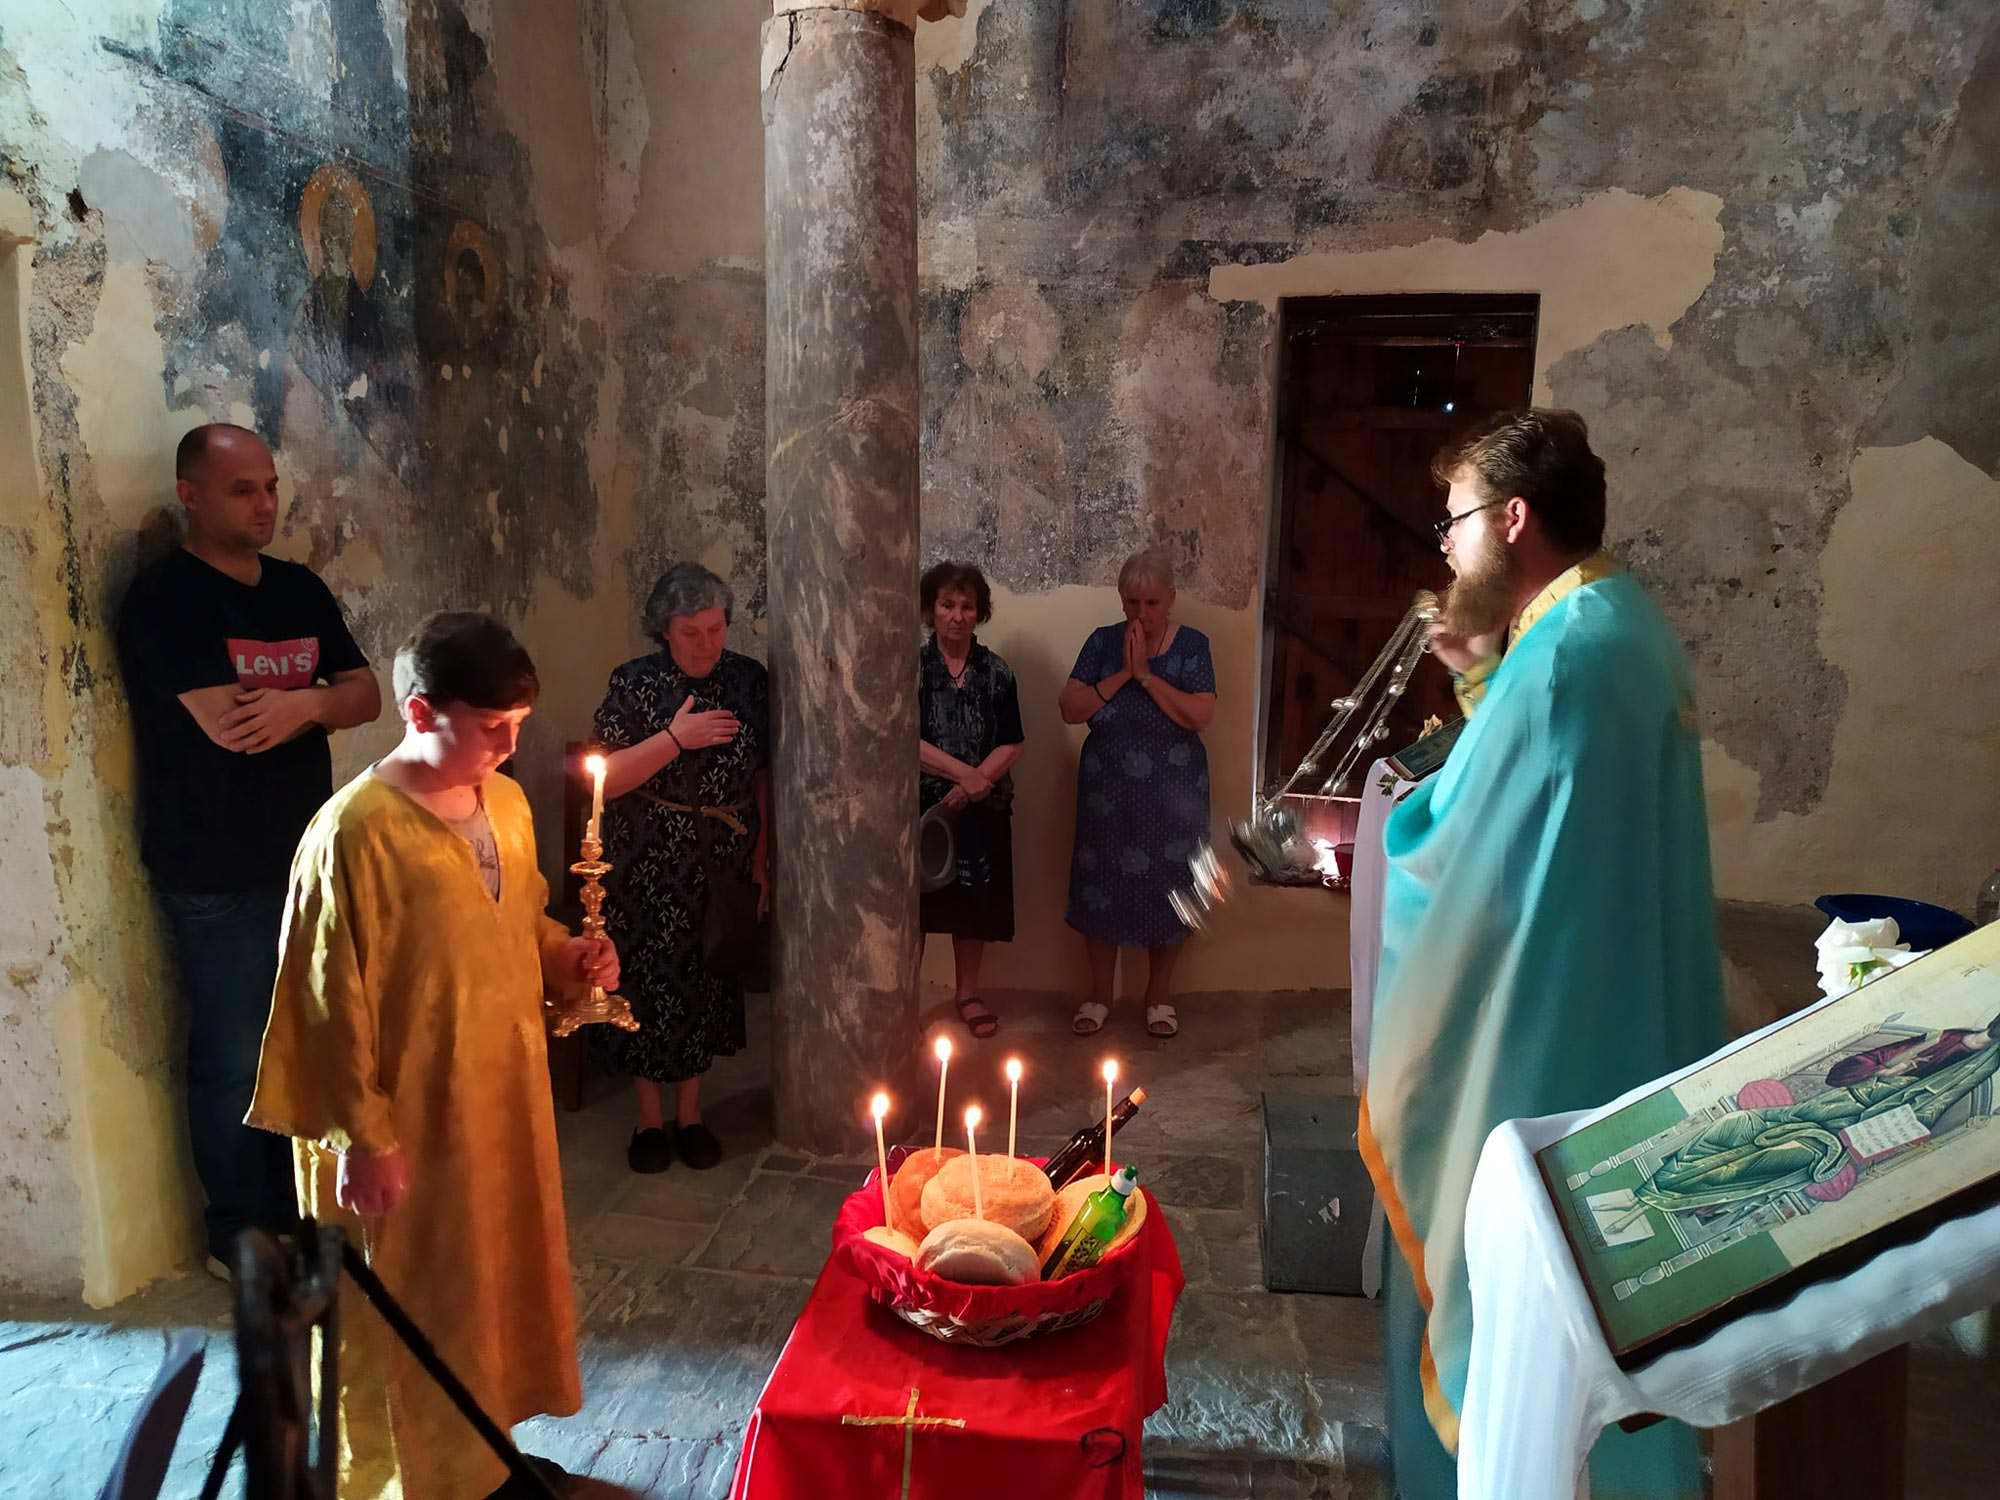 Εορτή ιστορικός ναός της Αγίας Τριάδος στο Κάστρο Μπερατίου